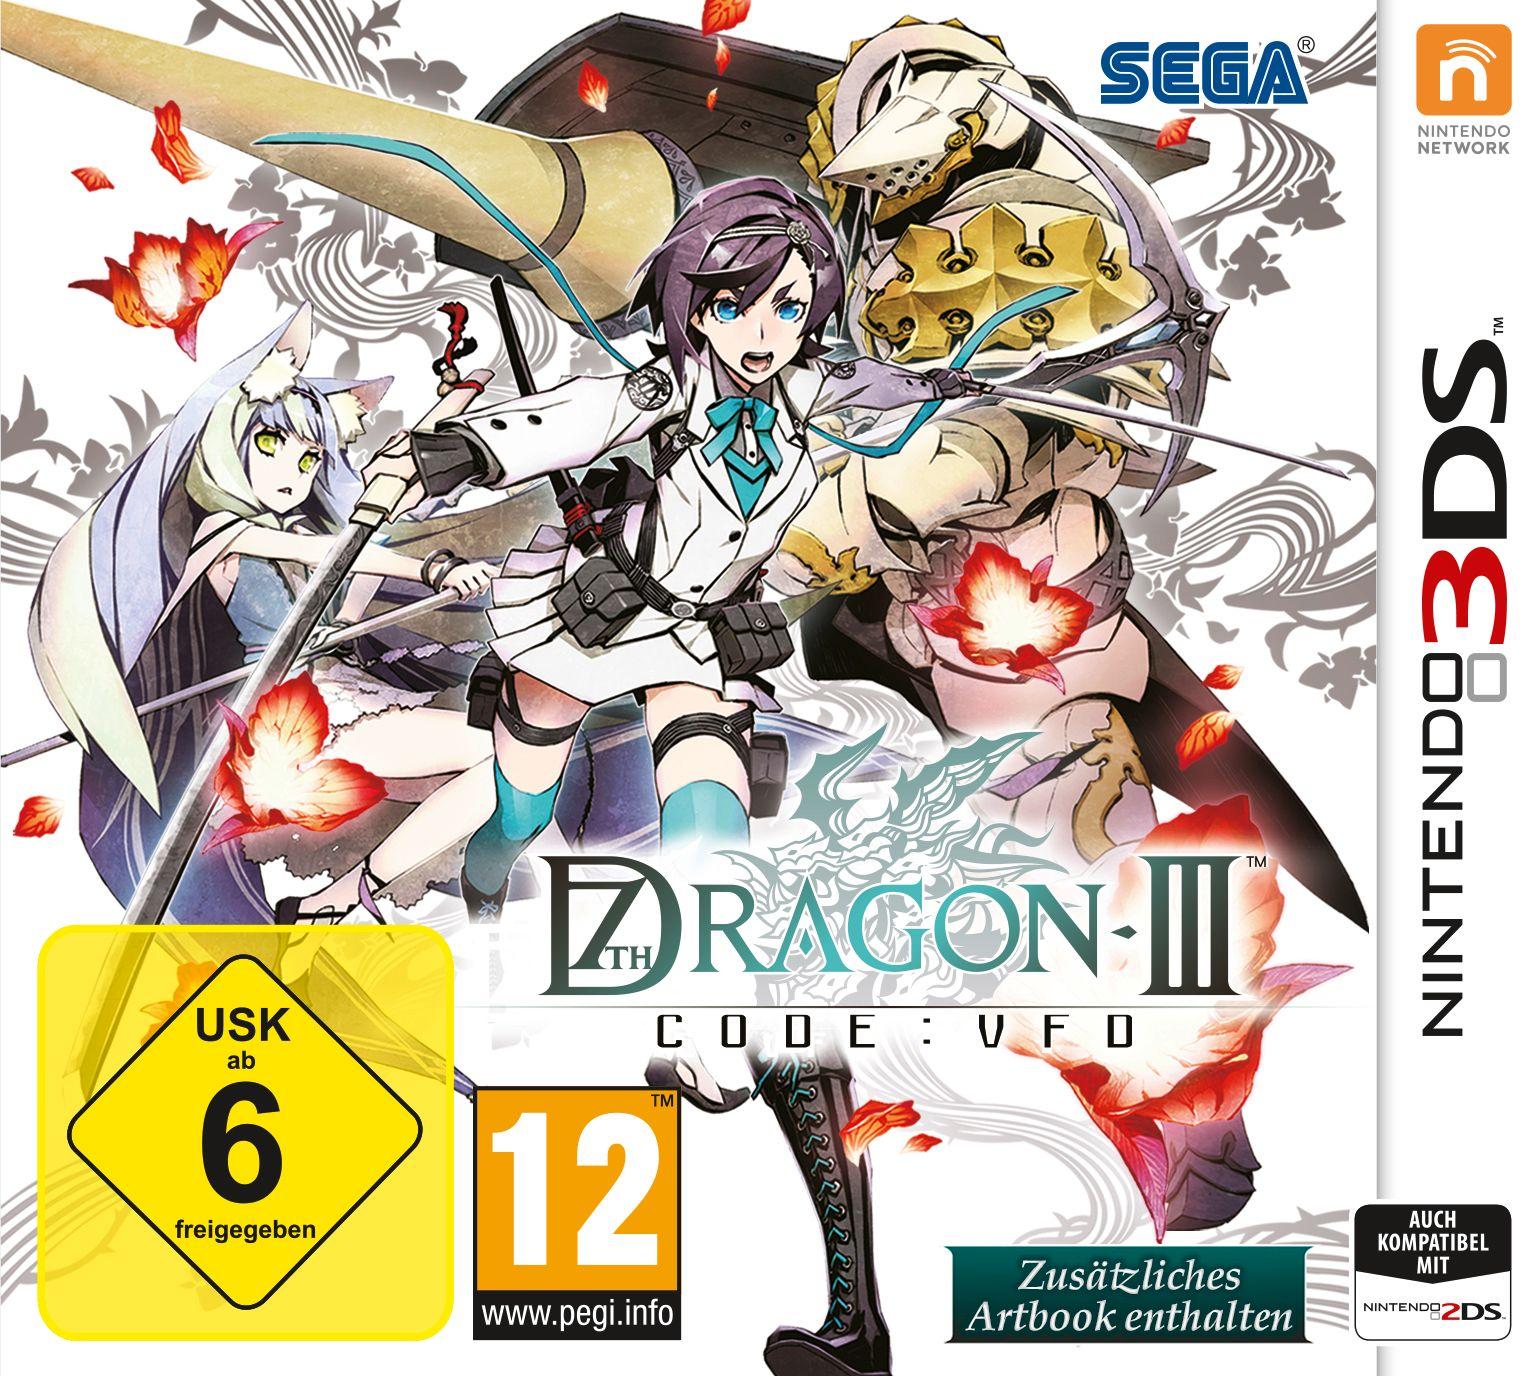 KOCH MEDIA 7th Dragon III (3DS)